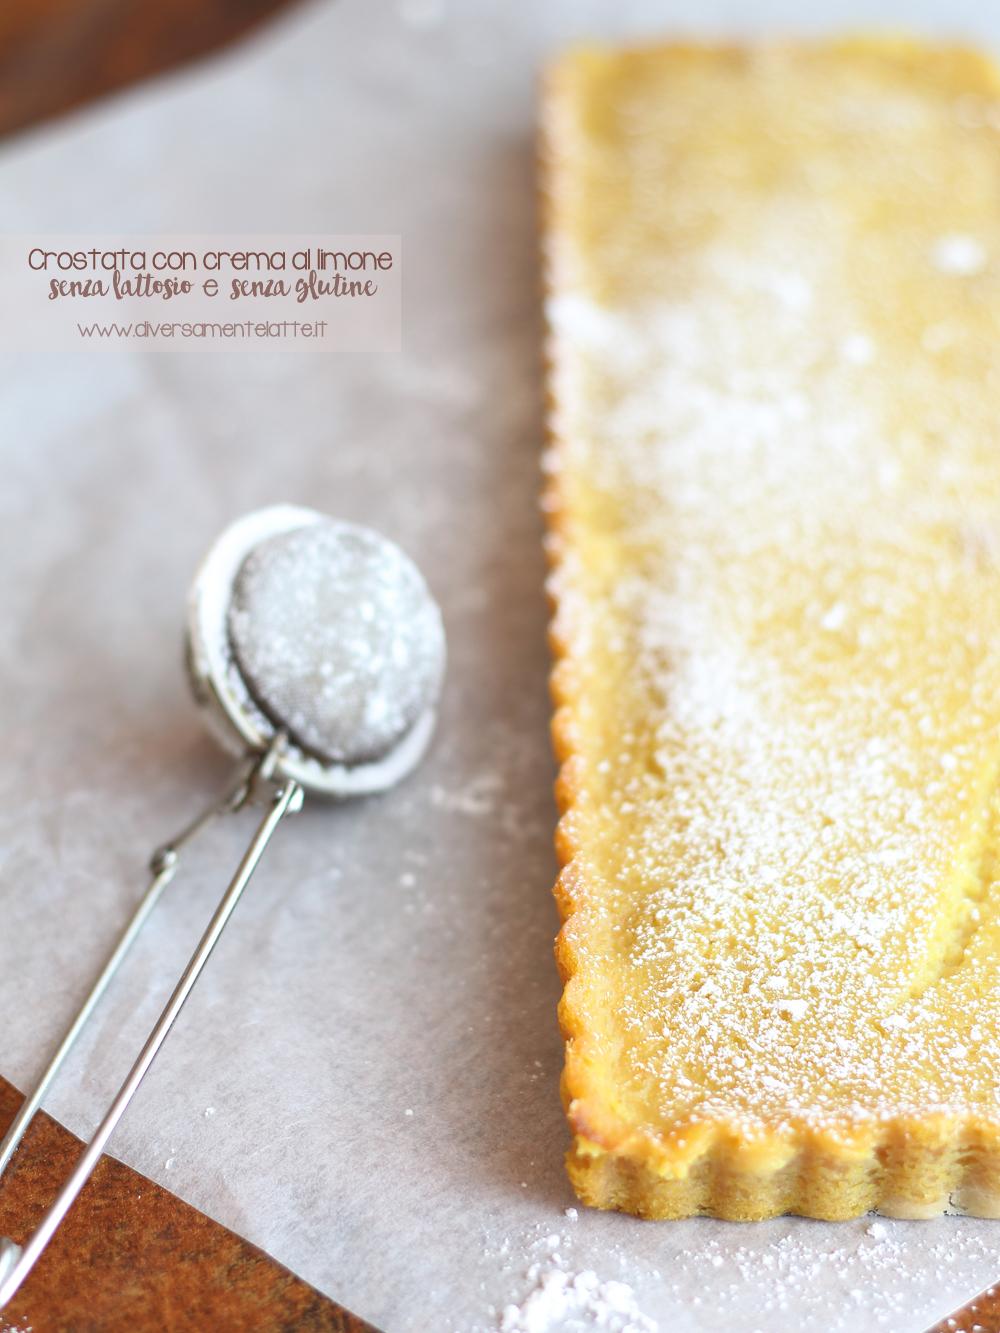 crostata con crema all limone senza lattosio